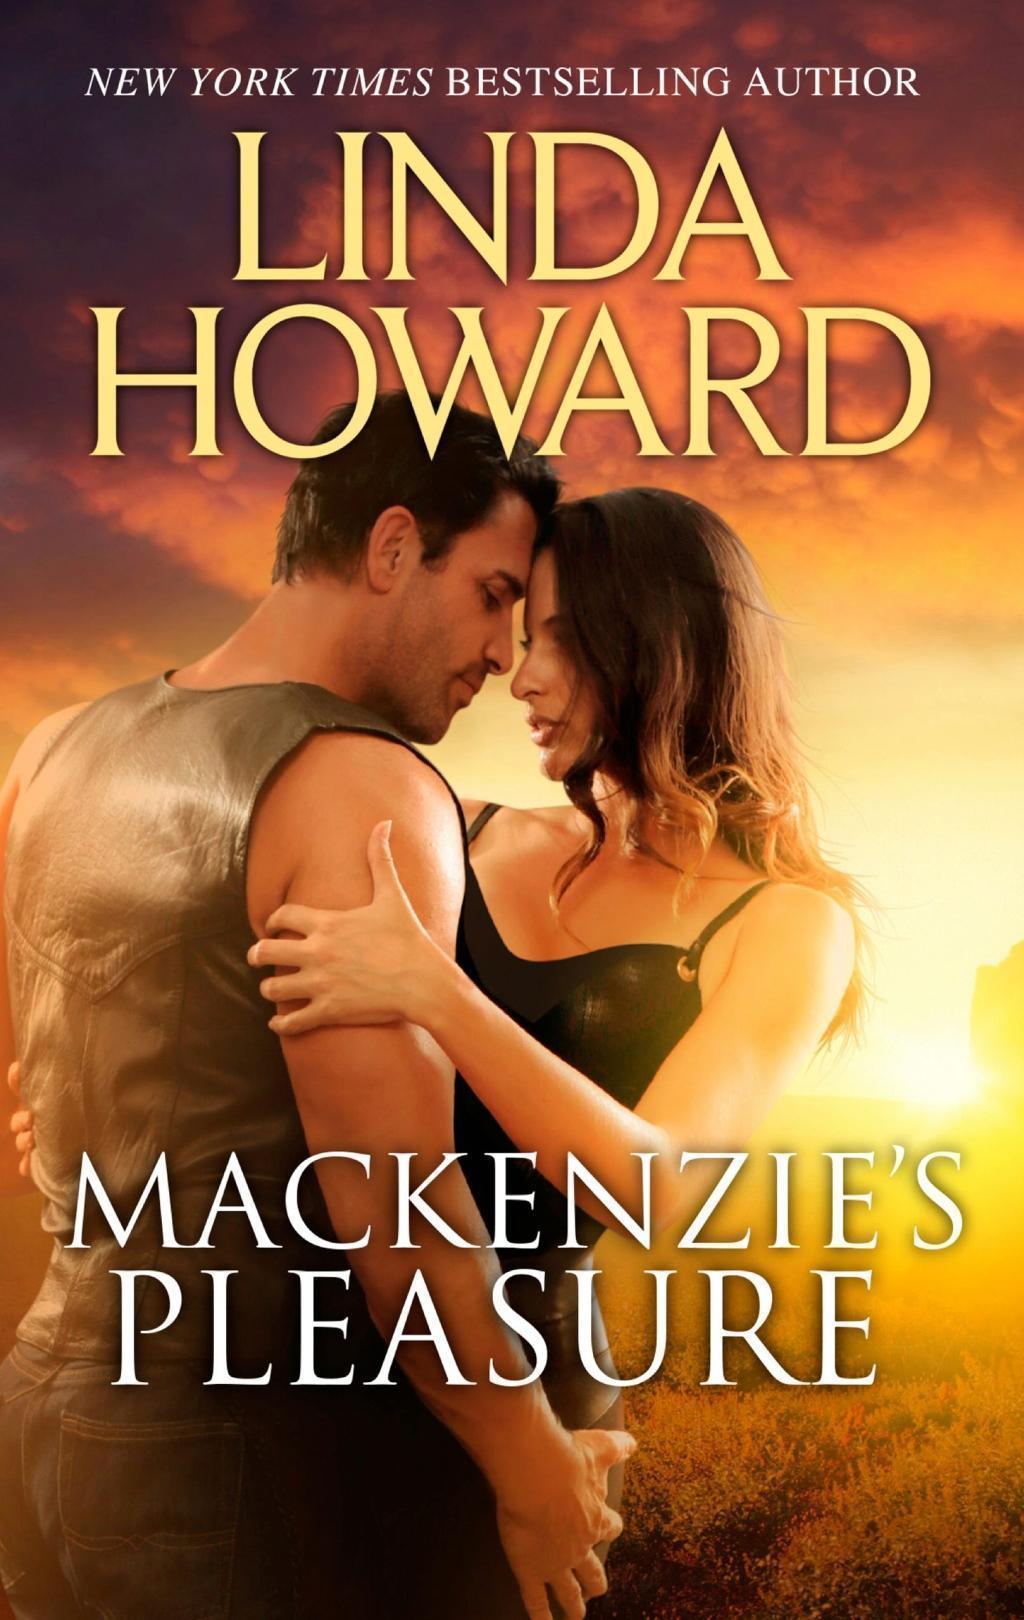 Mackenzie's Pleasure (Mills & Boon M&B)